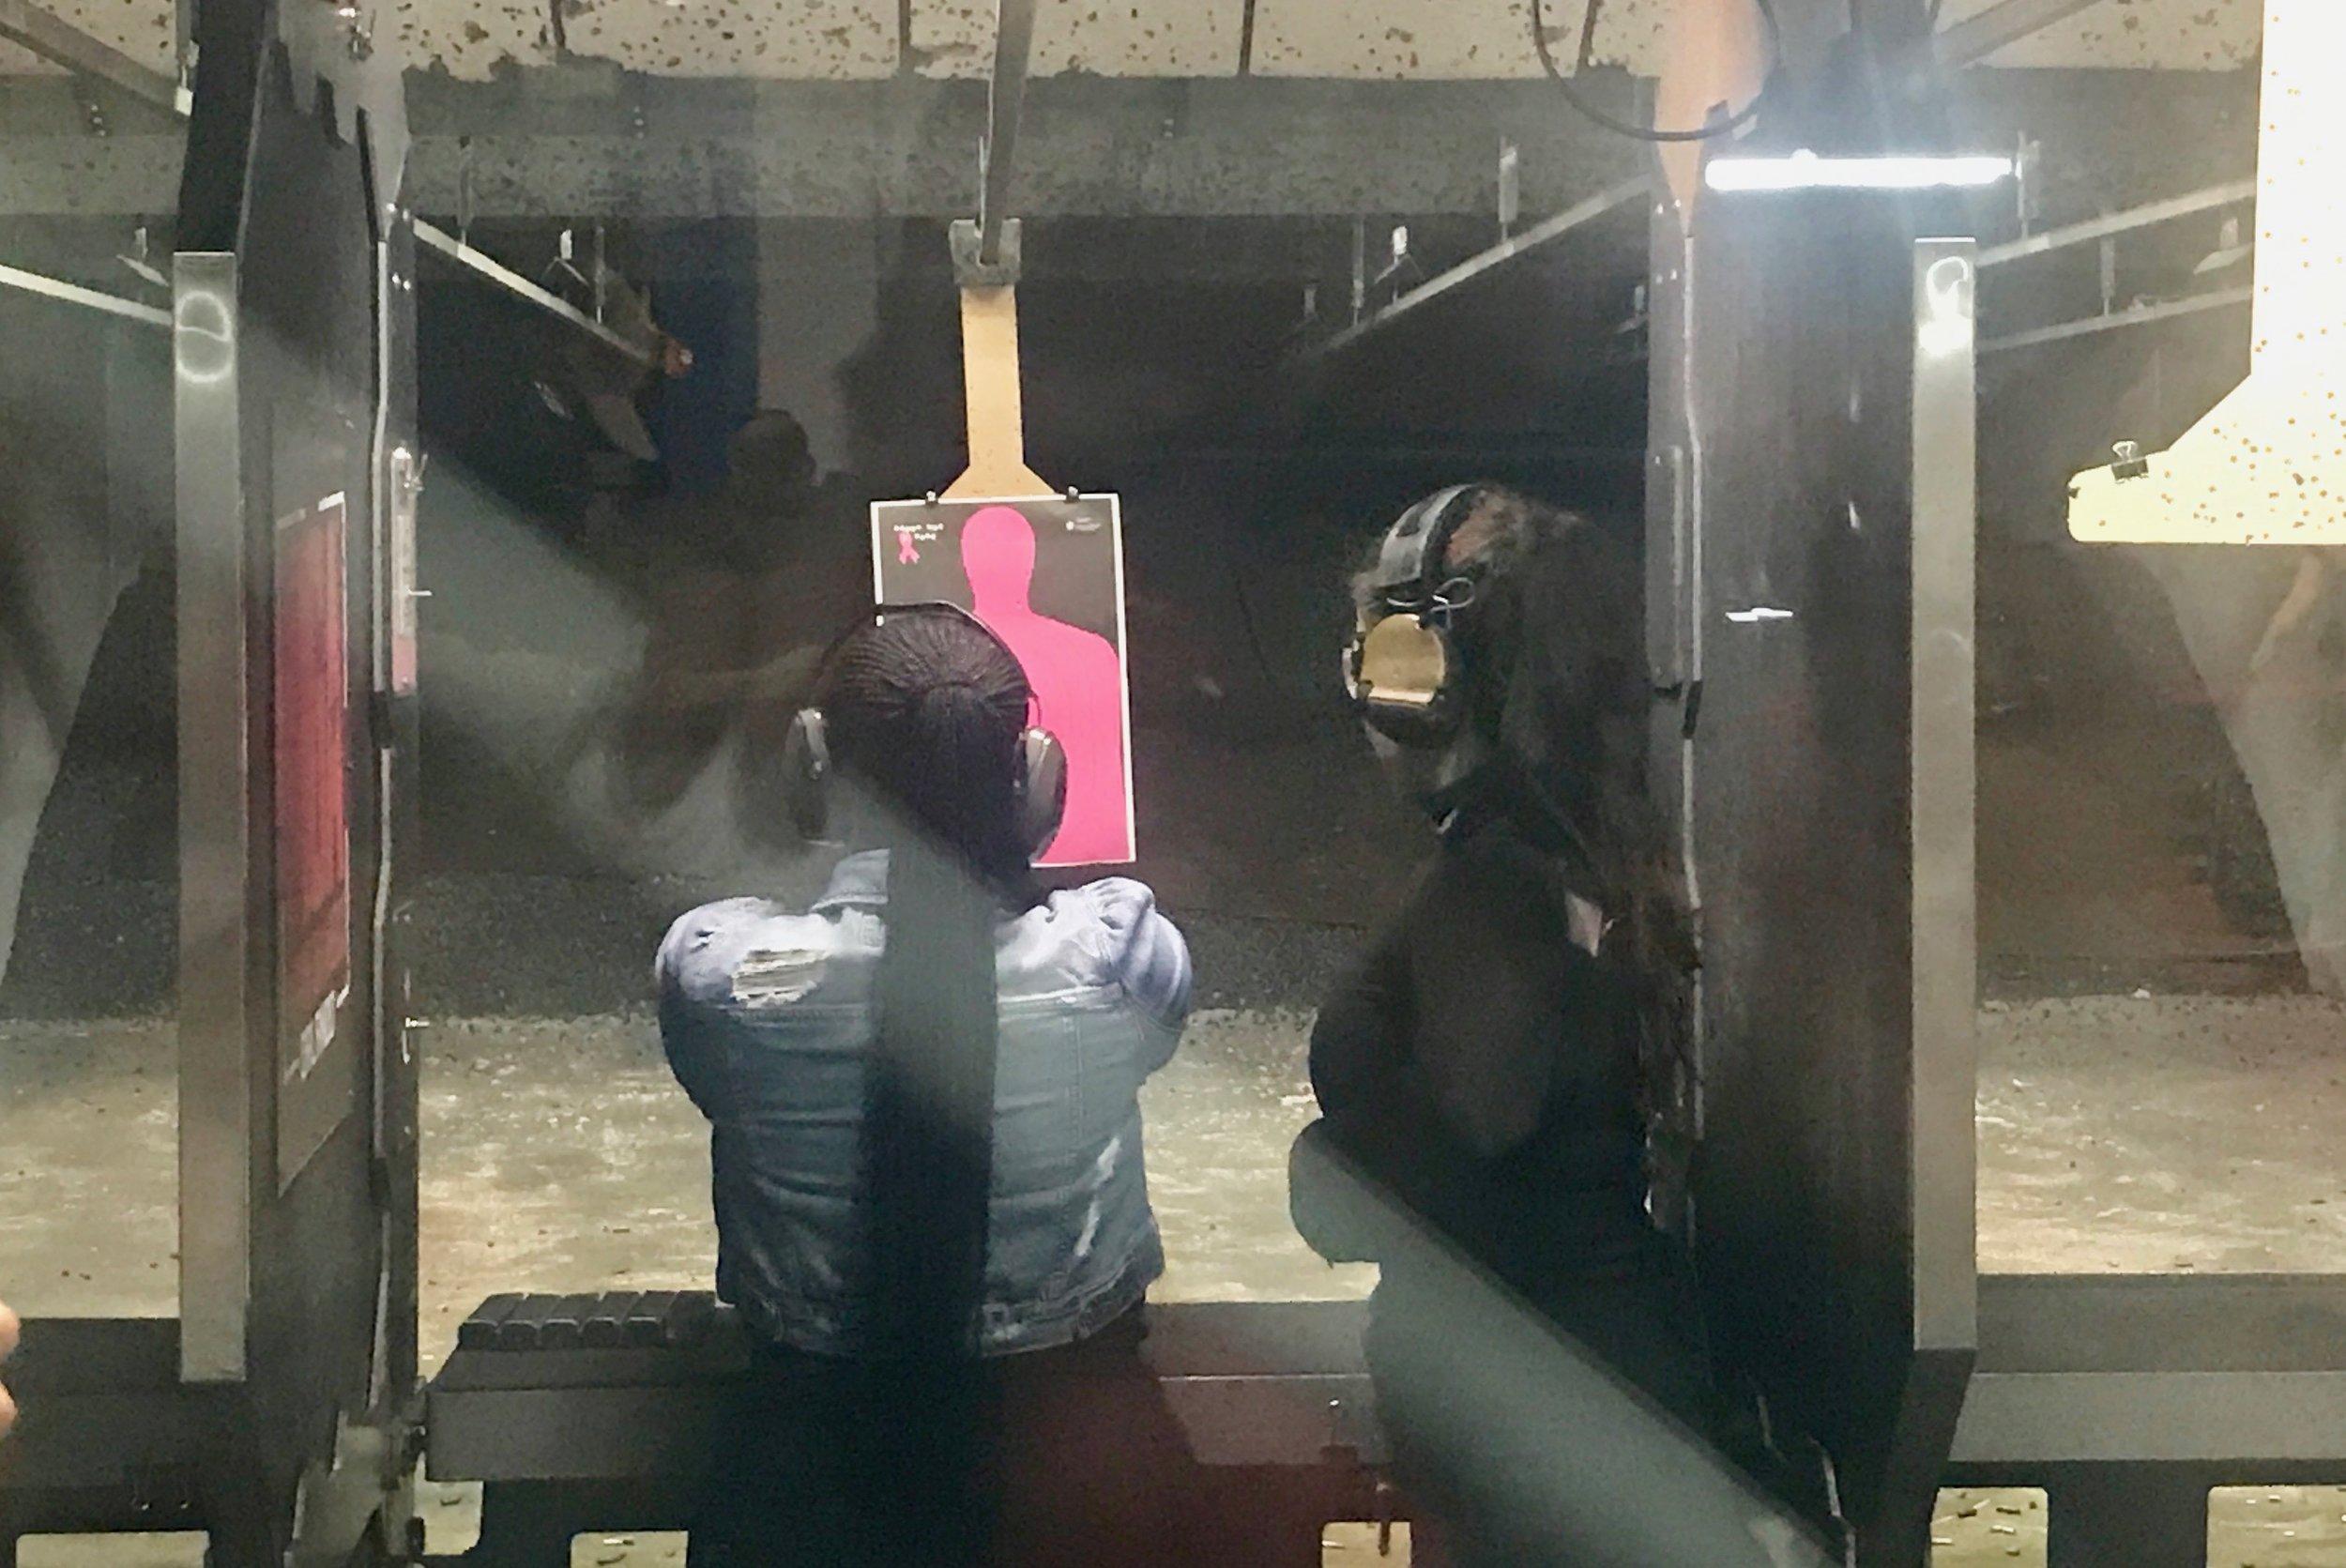 A customer lines up a shot at Machine Gun America.